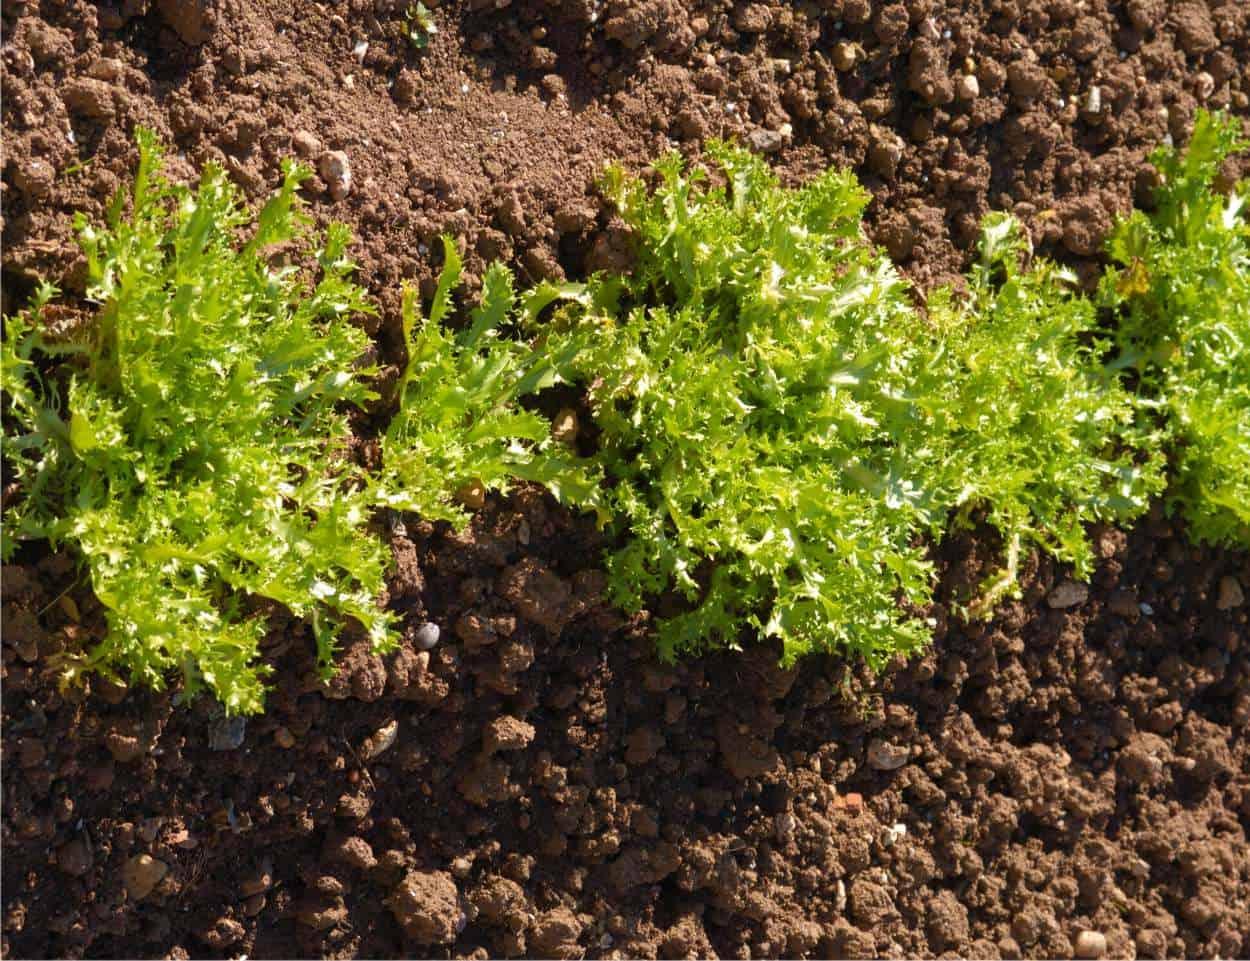 Piante Basse Da Aiuola indivia scarola: come si coltiva nell'orto